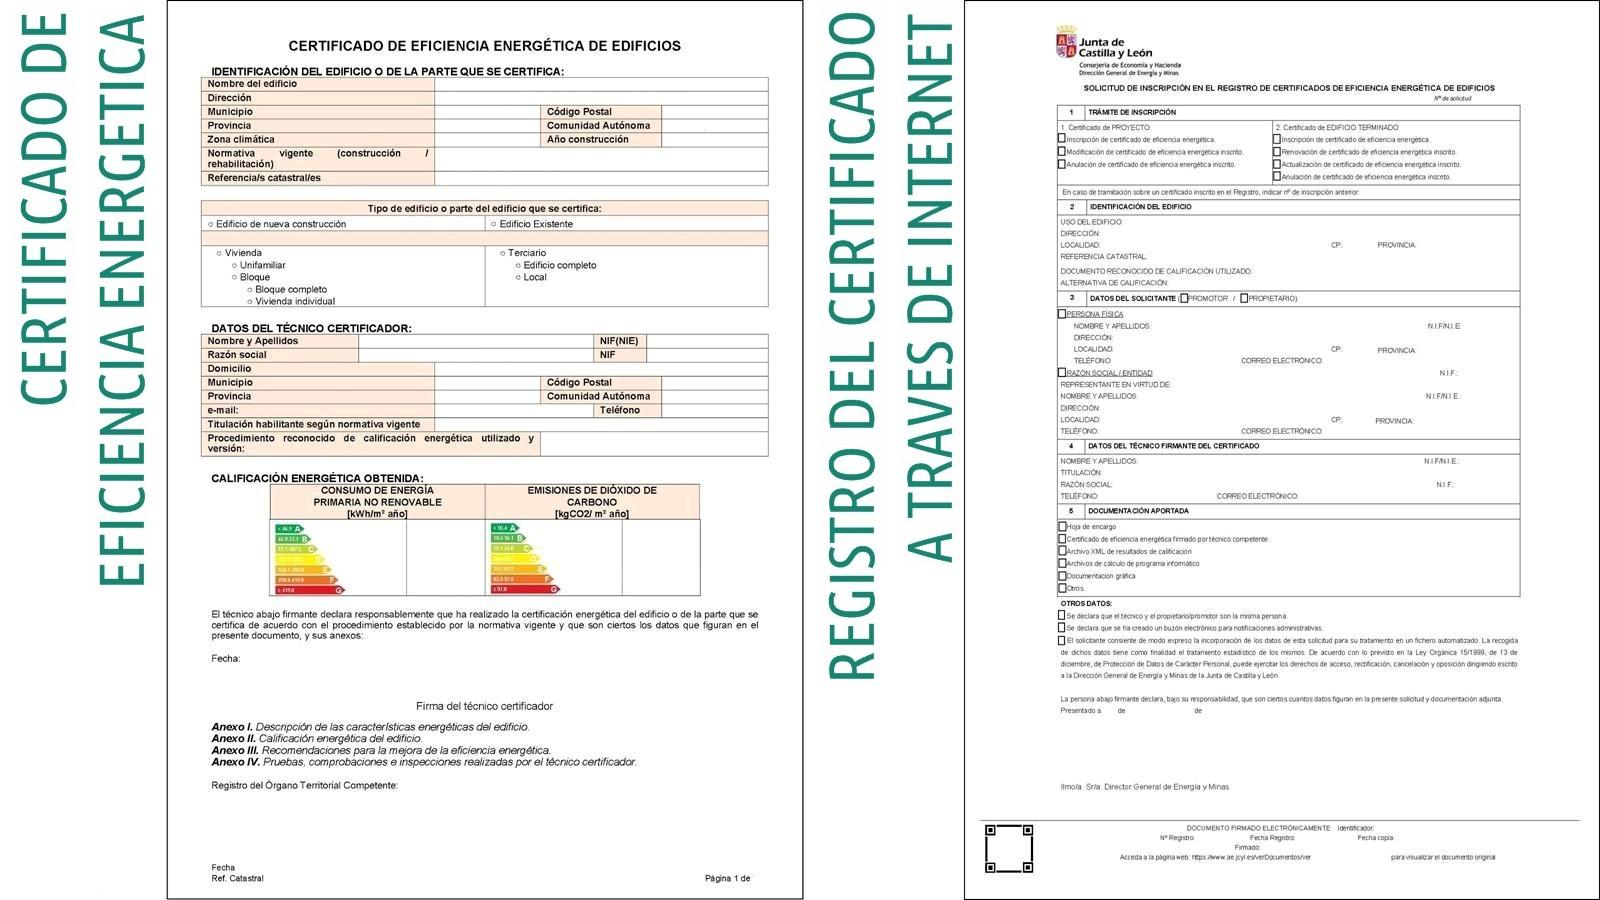 certificado energetico y registro